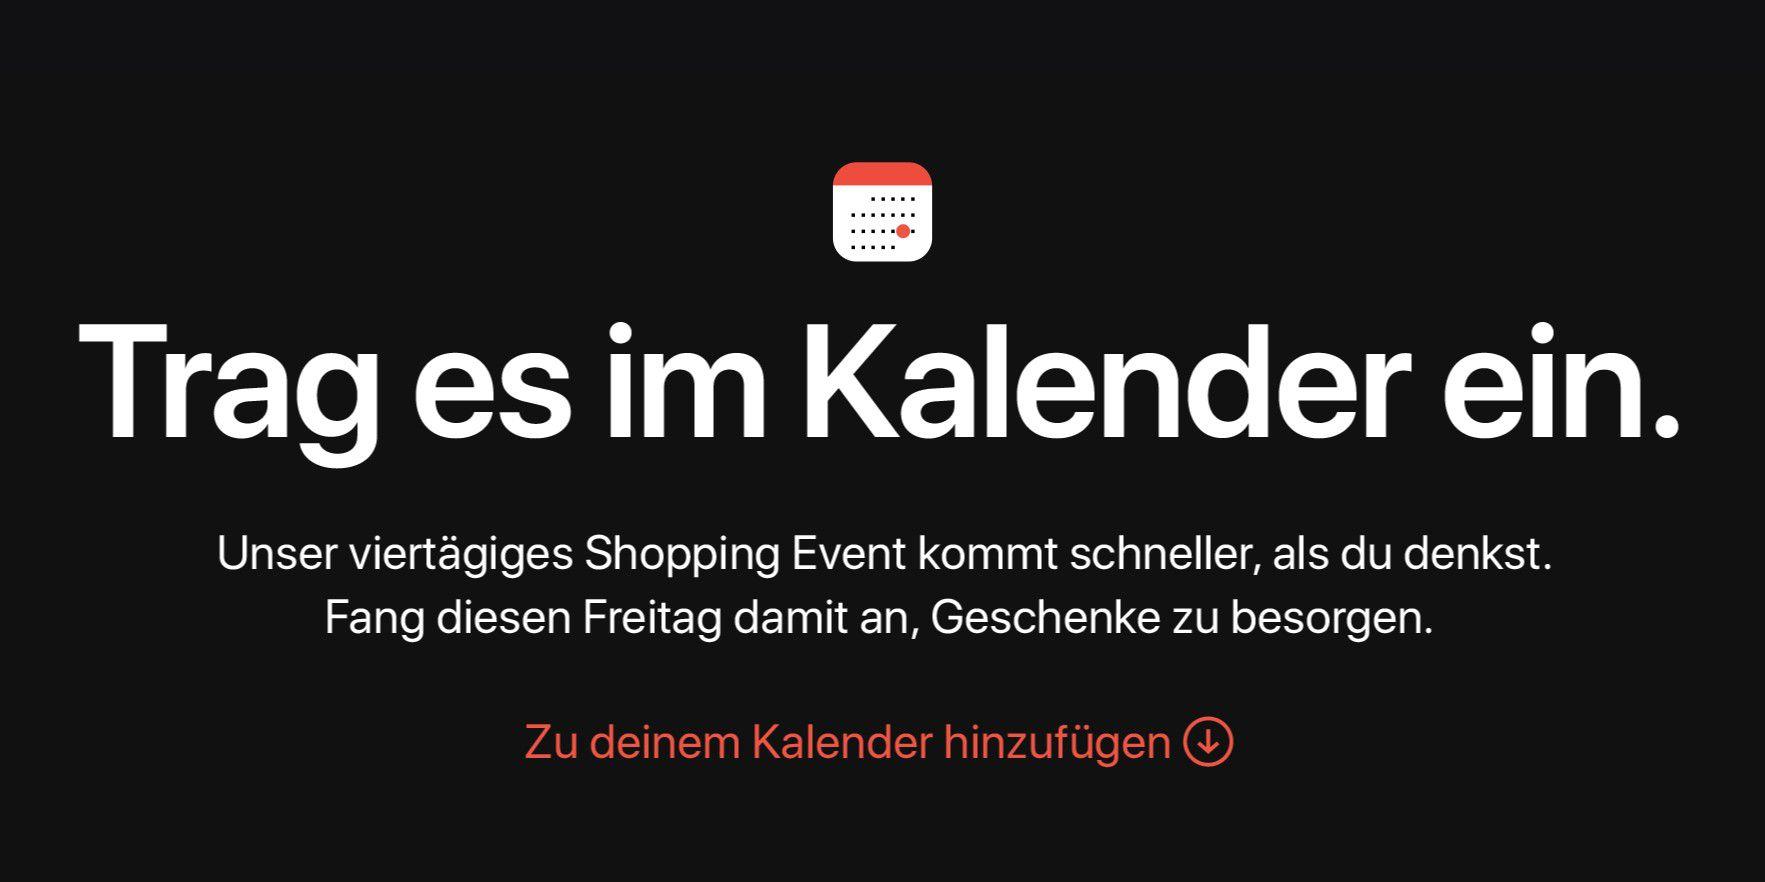 016259d6e9f7eb Apple kündigt Shopping-Event an  Gutscheine statt Rabatt - Macwelt